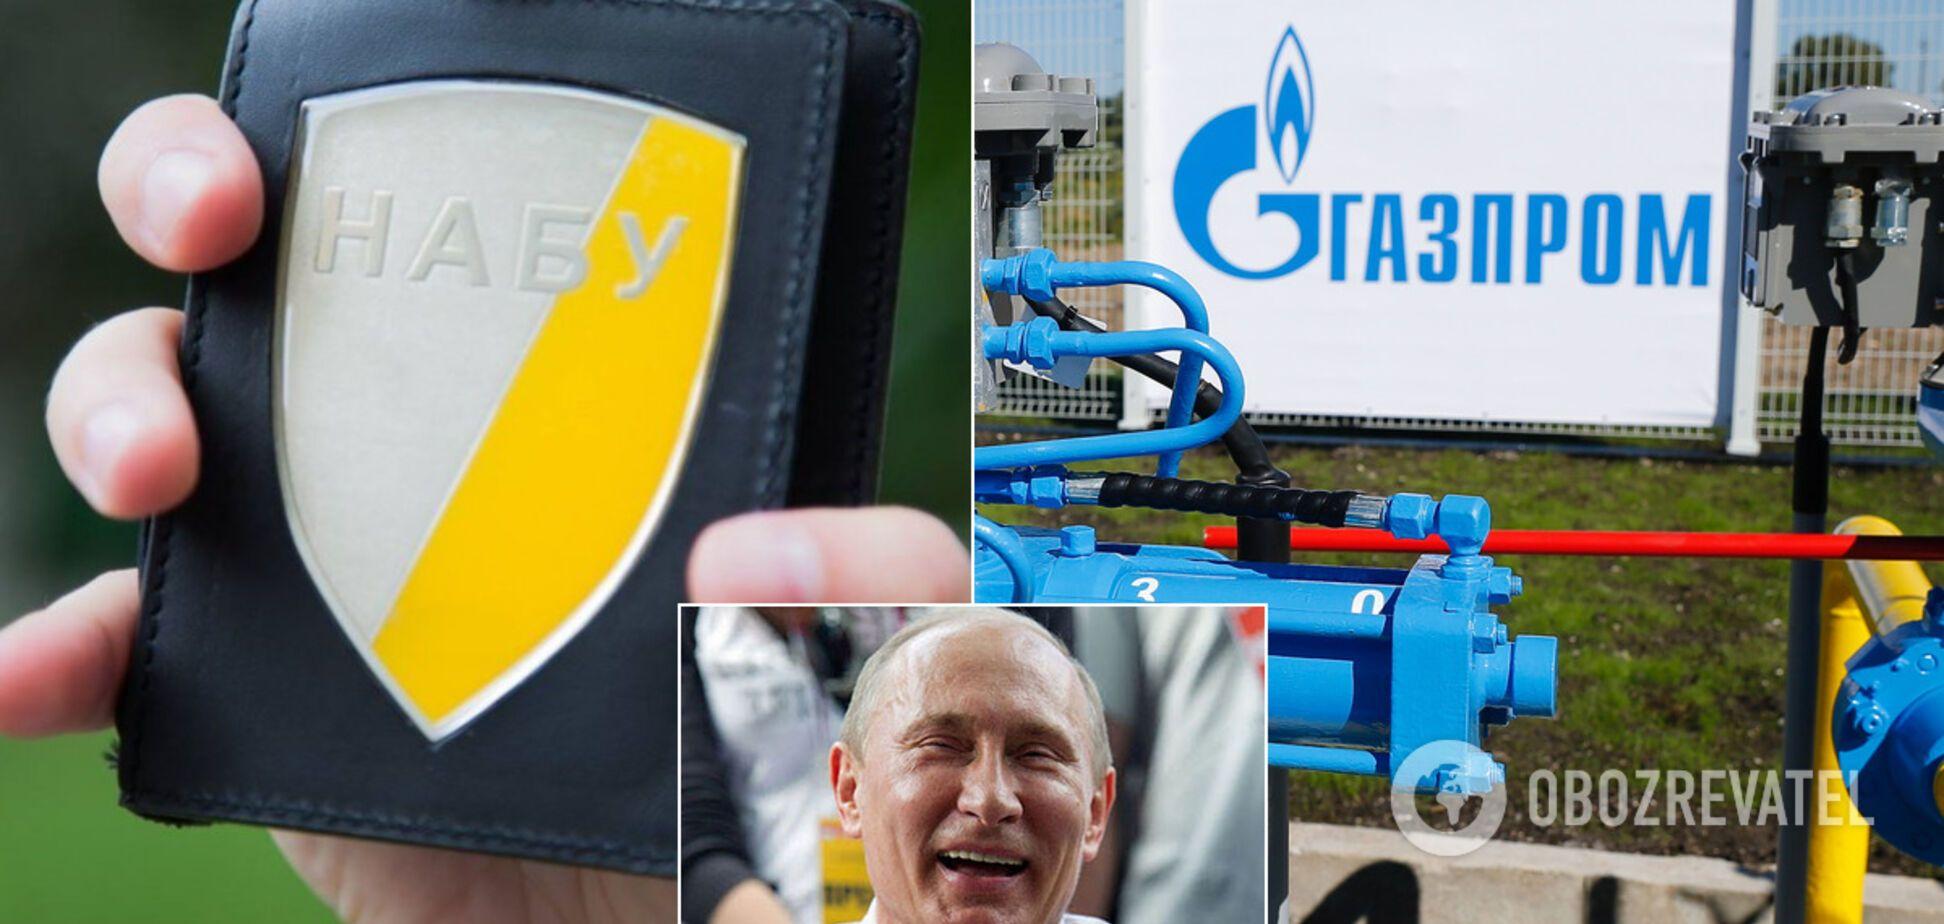 НАБУ заподозрили в защите интересов российского 'Газпрома'